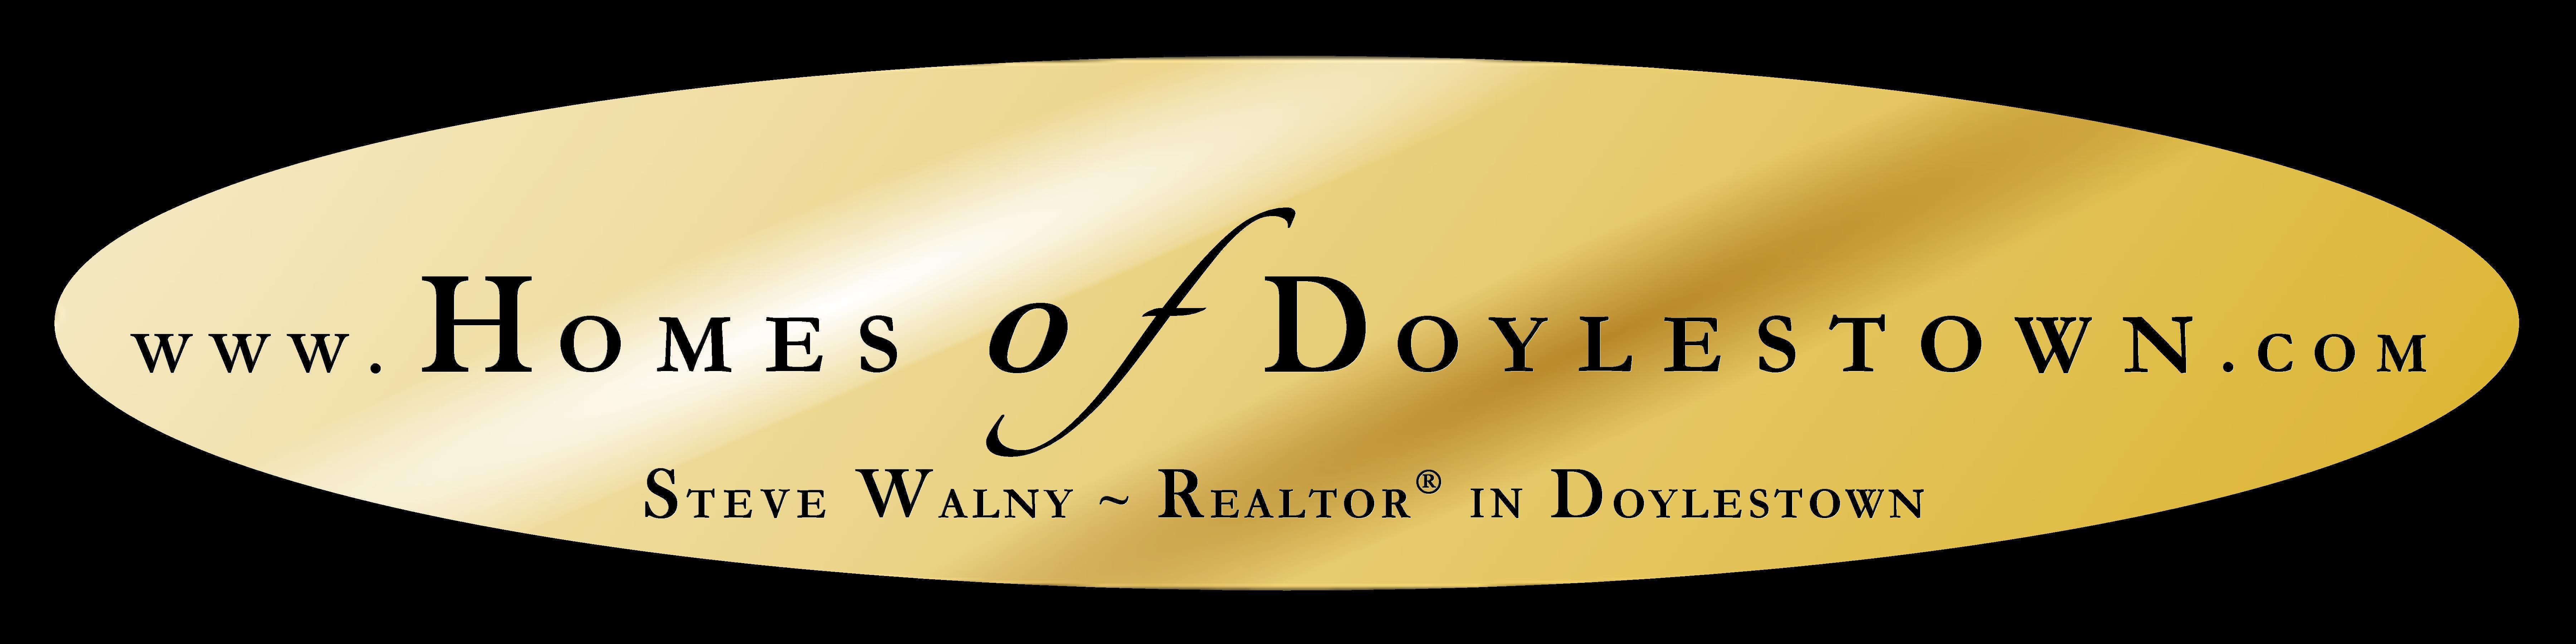 www.HomesOfDoylestown.com | Homes of Doylestown | #HomesOfDoylestown | Doylestown PA Homes for Sale |  Homes in Doylestown | #HomesInDoylestown | Weidel Real Estate Doylestown | #WeidelRealEstateDoylestown | Weidel Realtors Doylestown | #WeidelRealtorsDoylestown